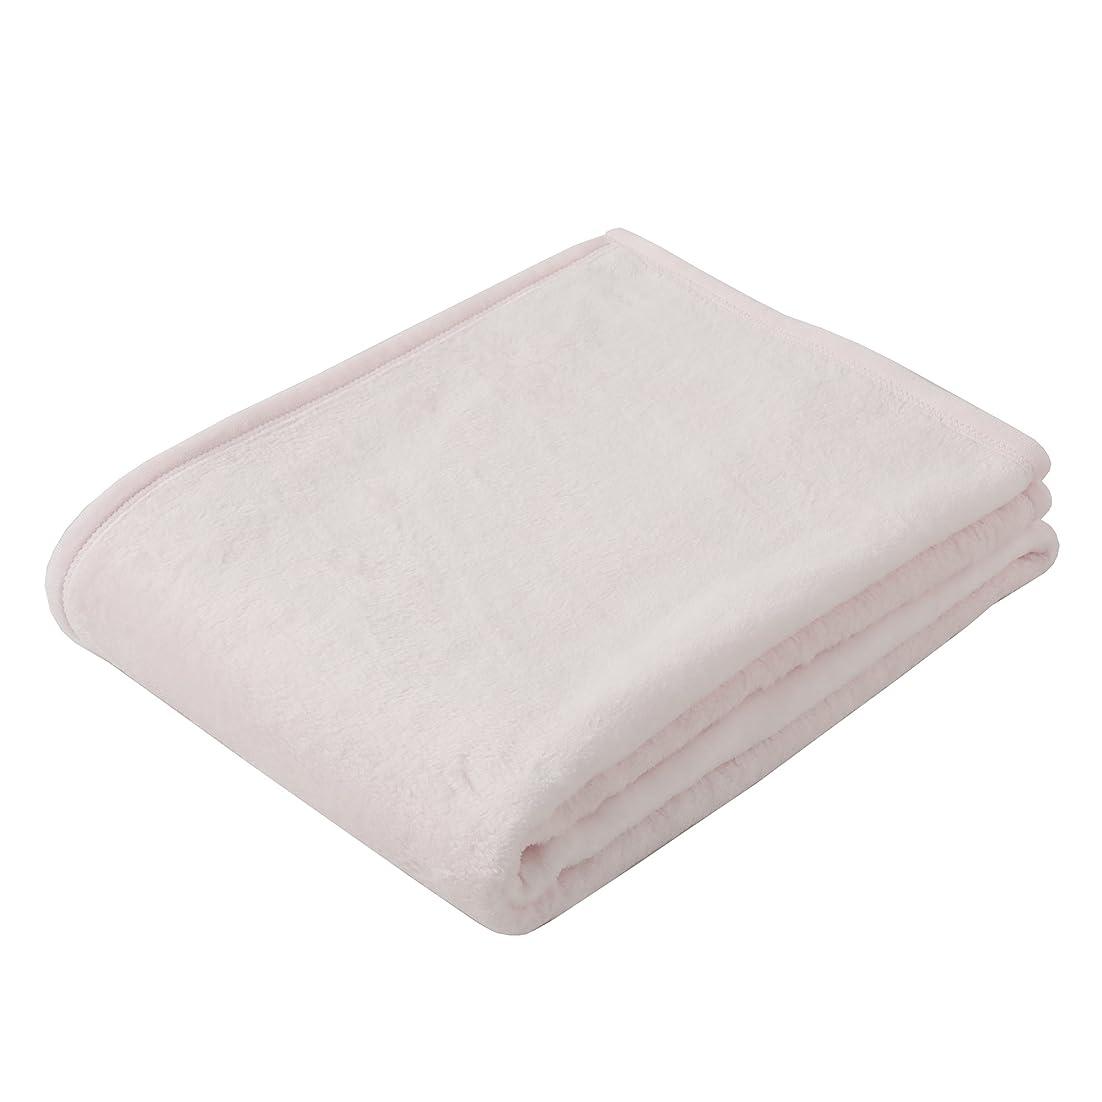 定常発掘もちろん東京西川 毛布 シングル 綿100%(毛羽部分) ふわっとやわらか ボーテ 日本製 無地 ピンク FQ07601053P